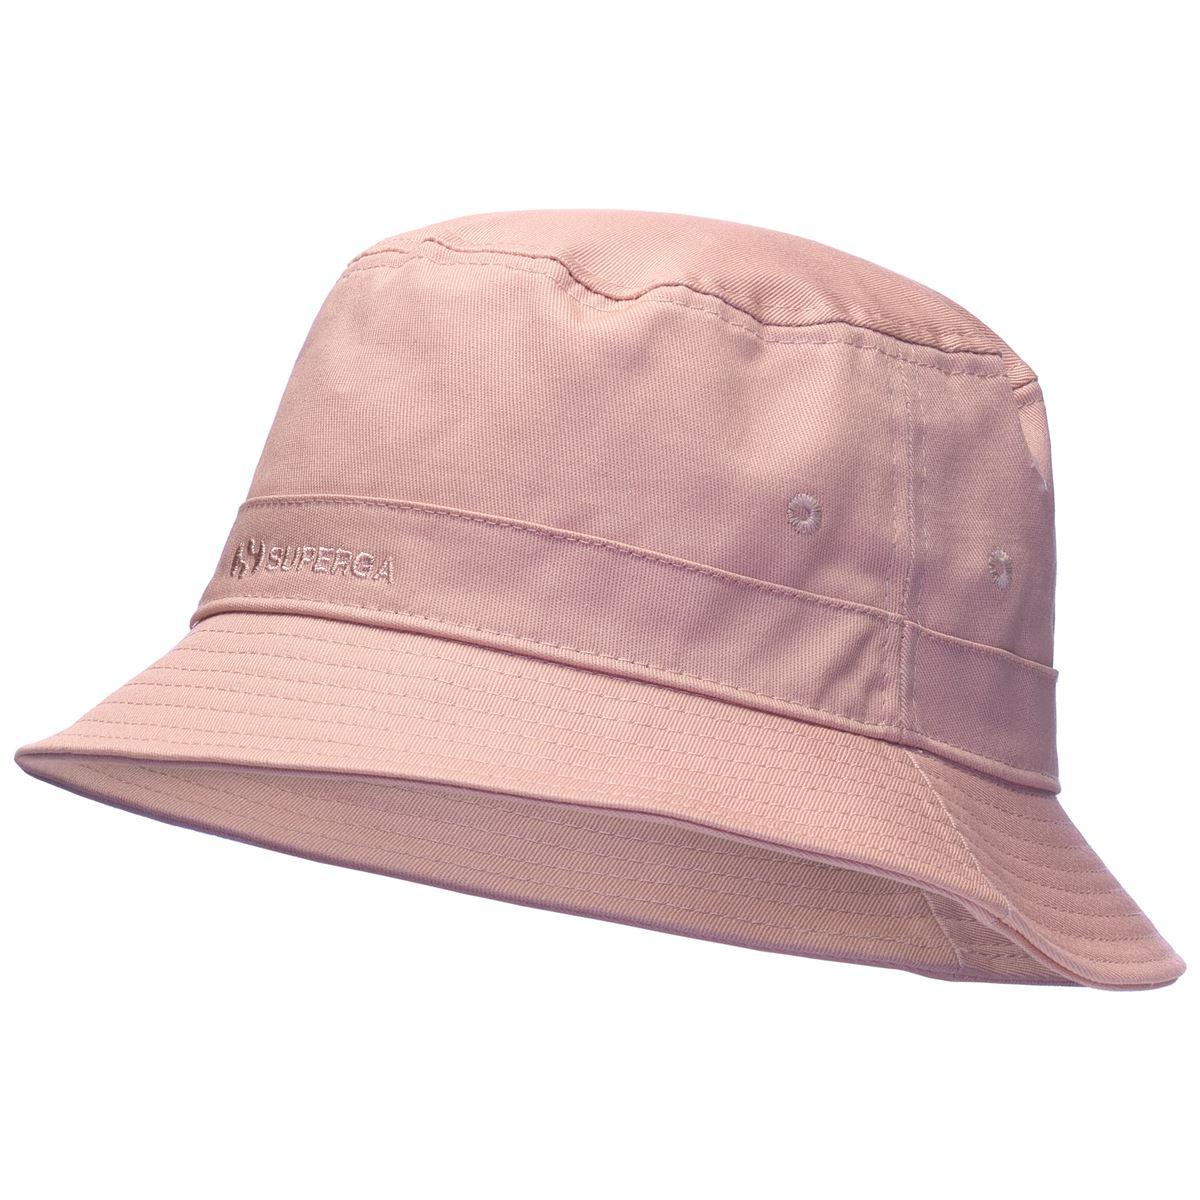 Cappellini Superga uomo e donna-S61158W